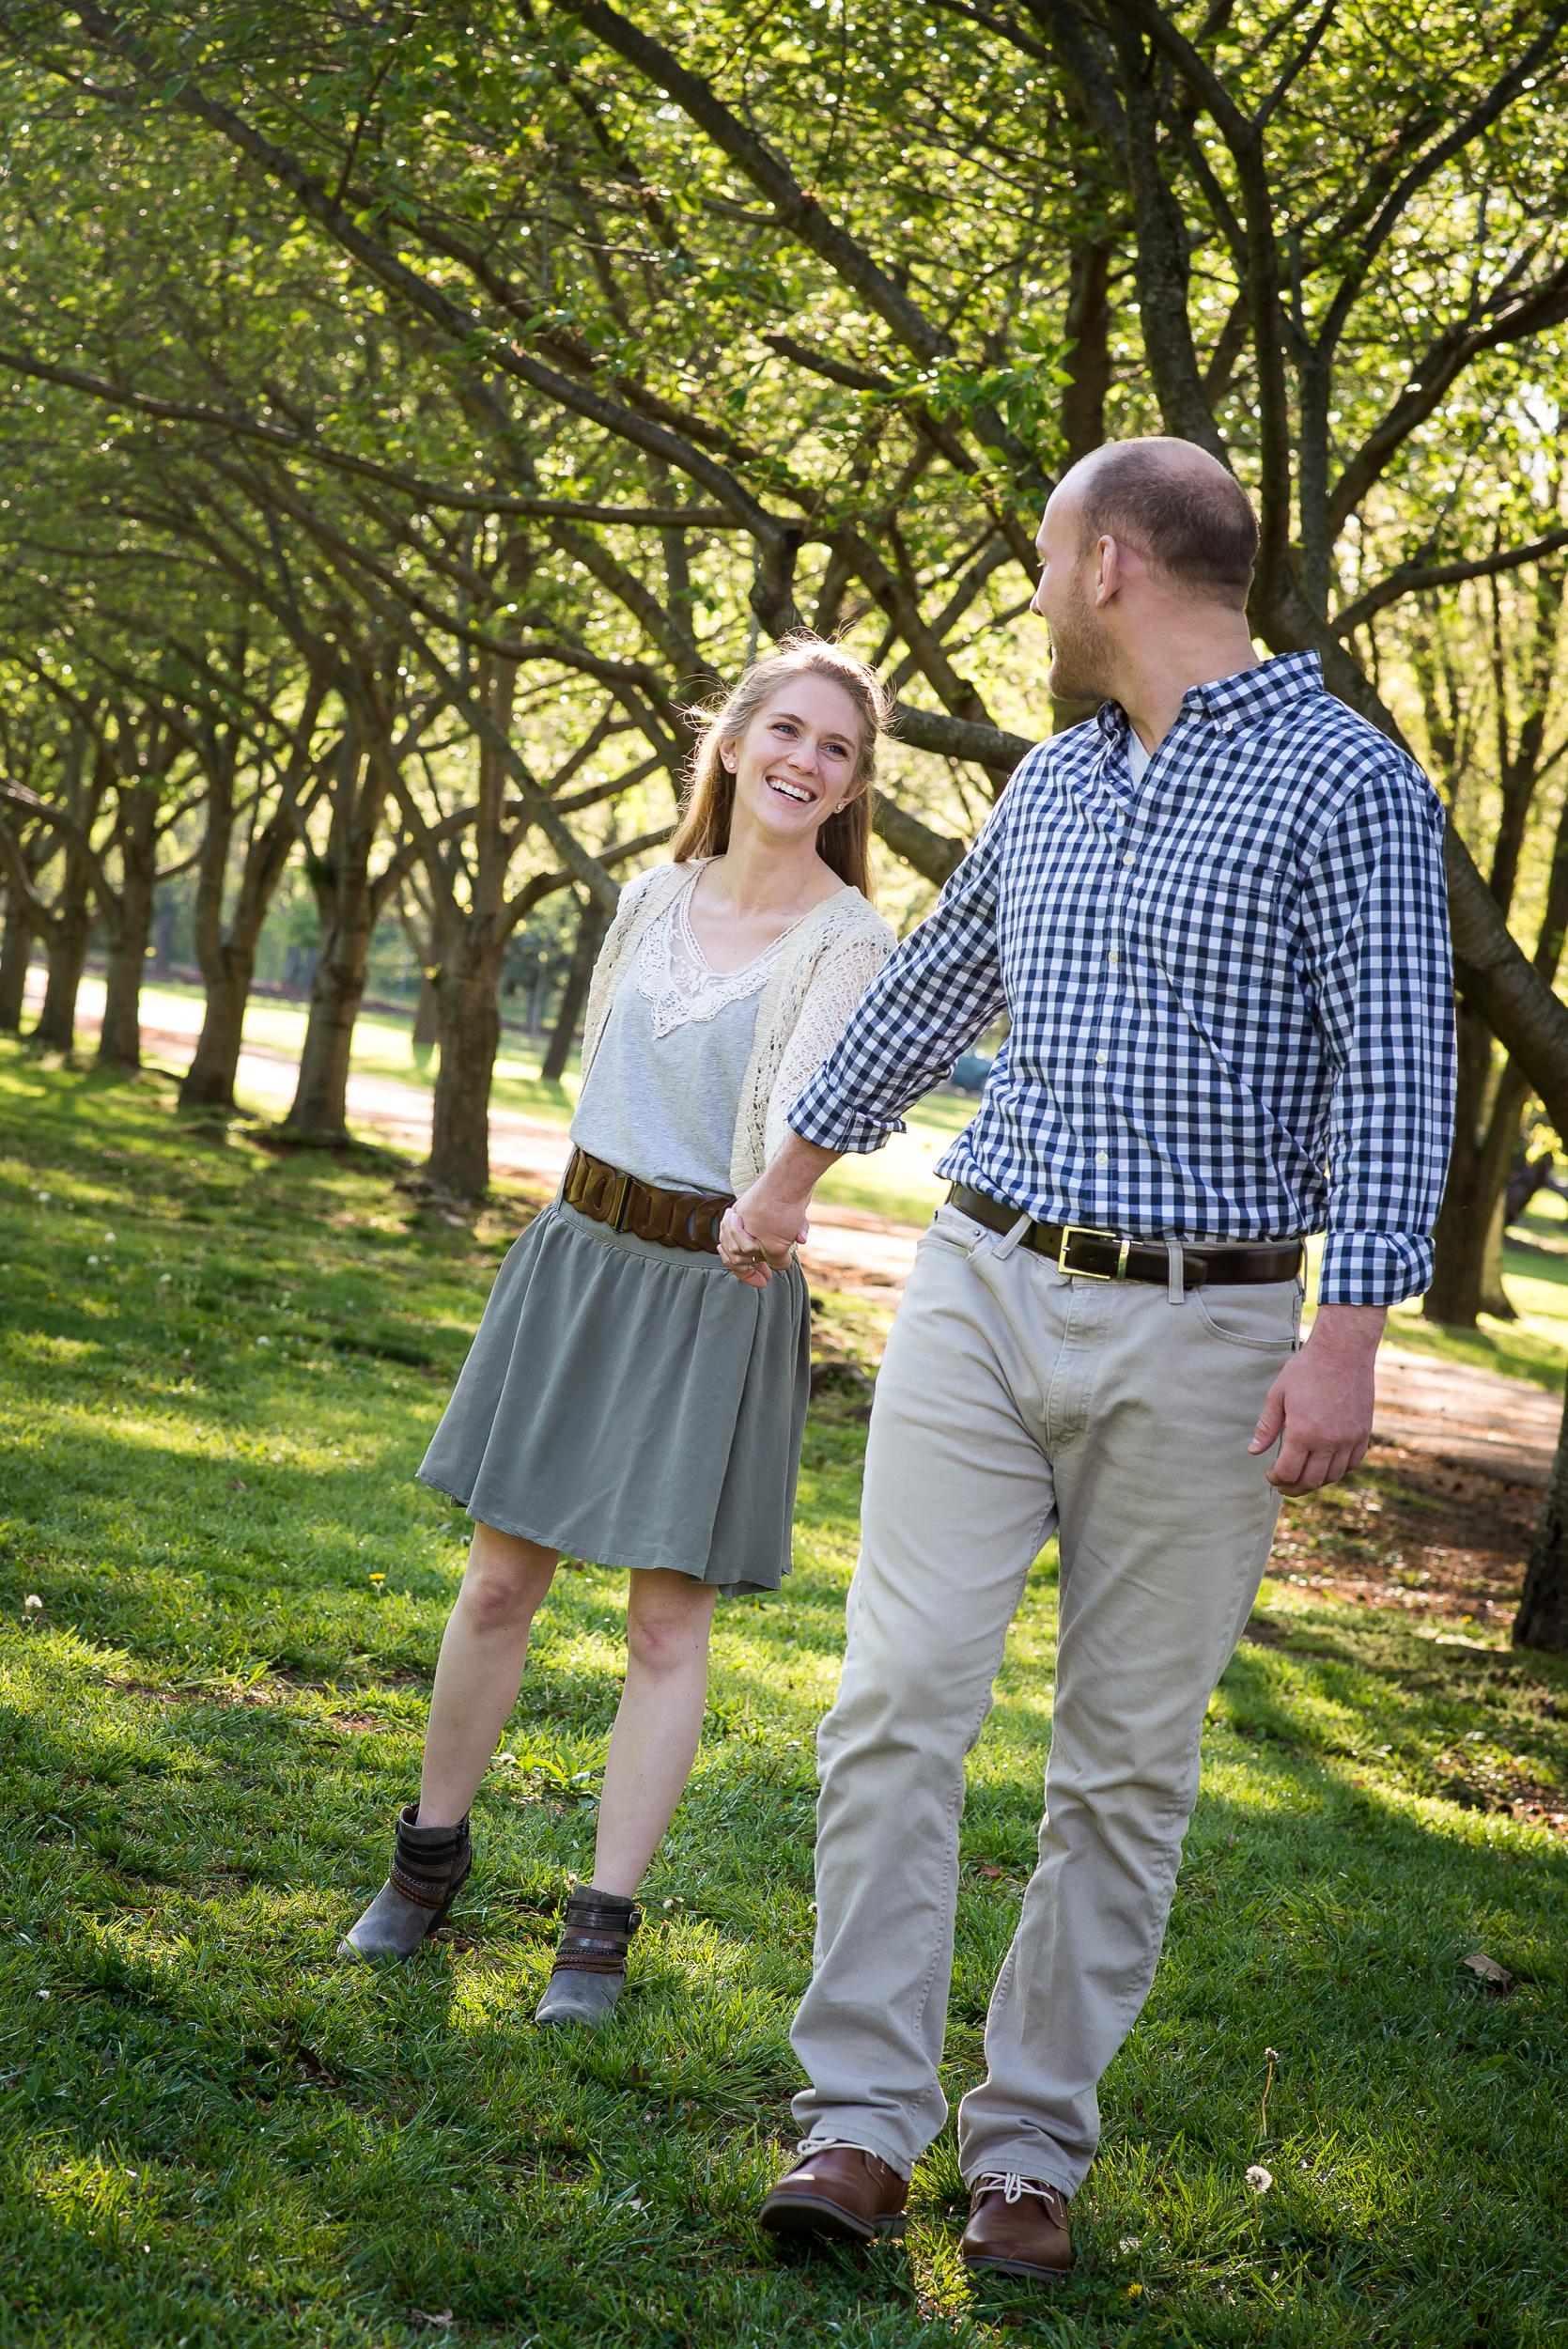 20160423 - Steve and Lydia Engagement-DSC_8804.jpg